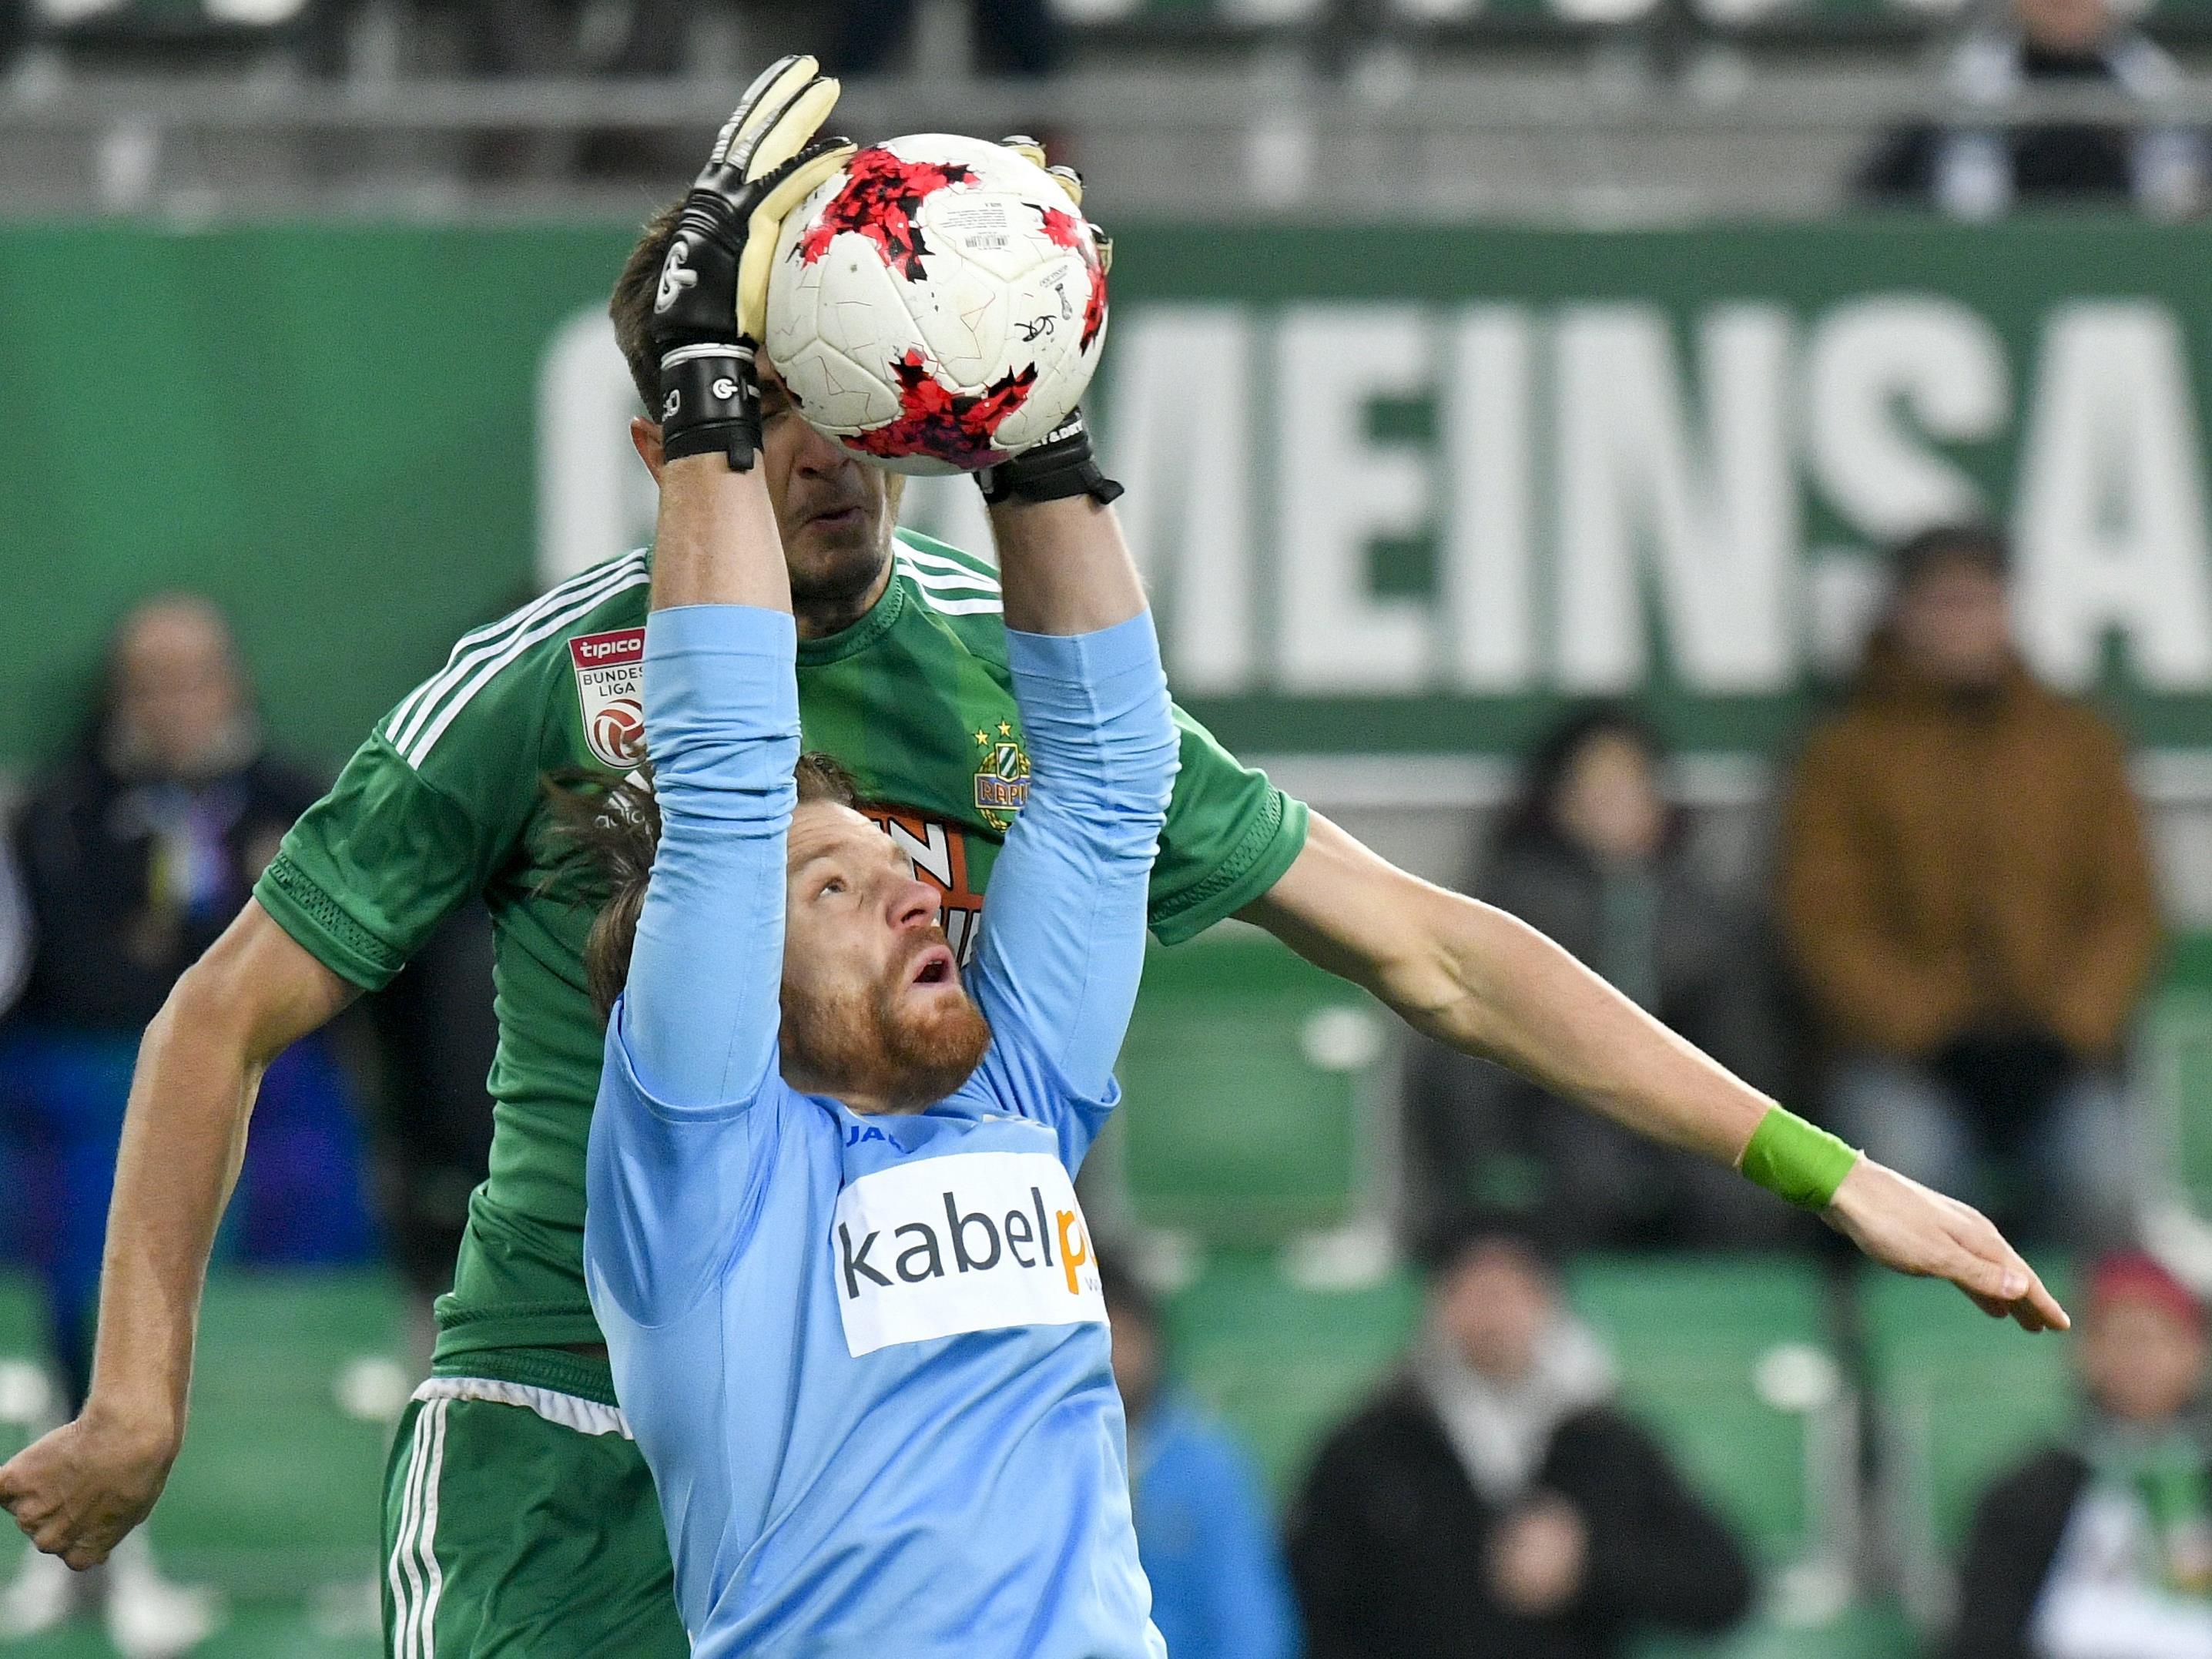 Rapid gewann mit 1:0 gegen St. Pölten.